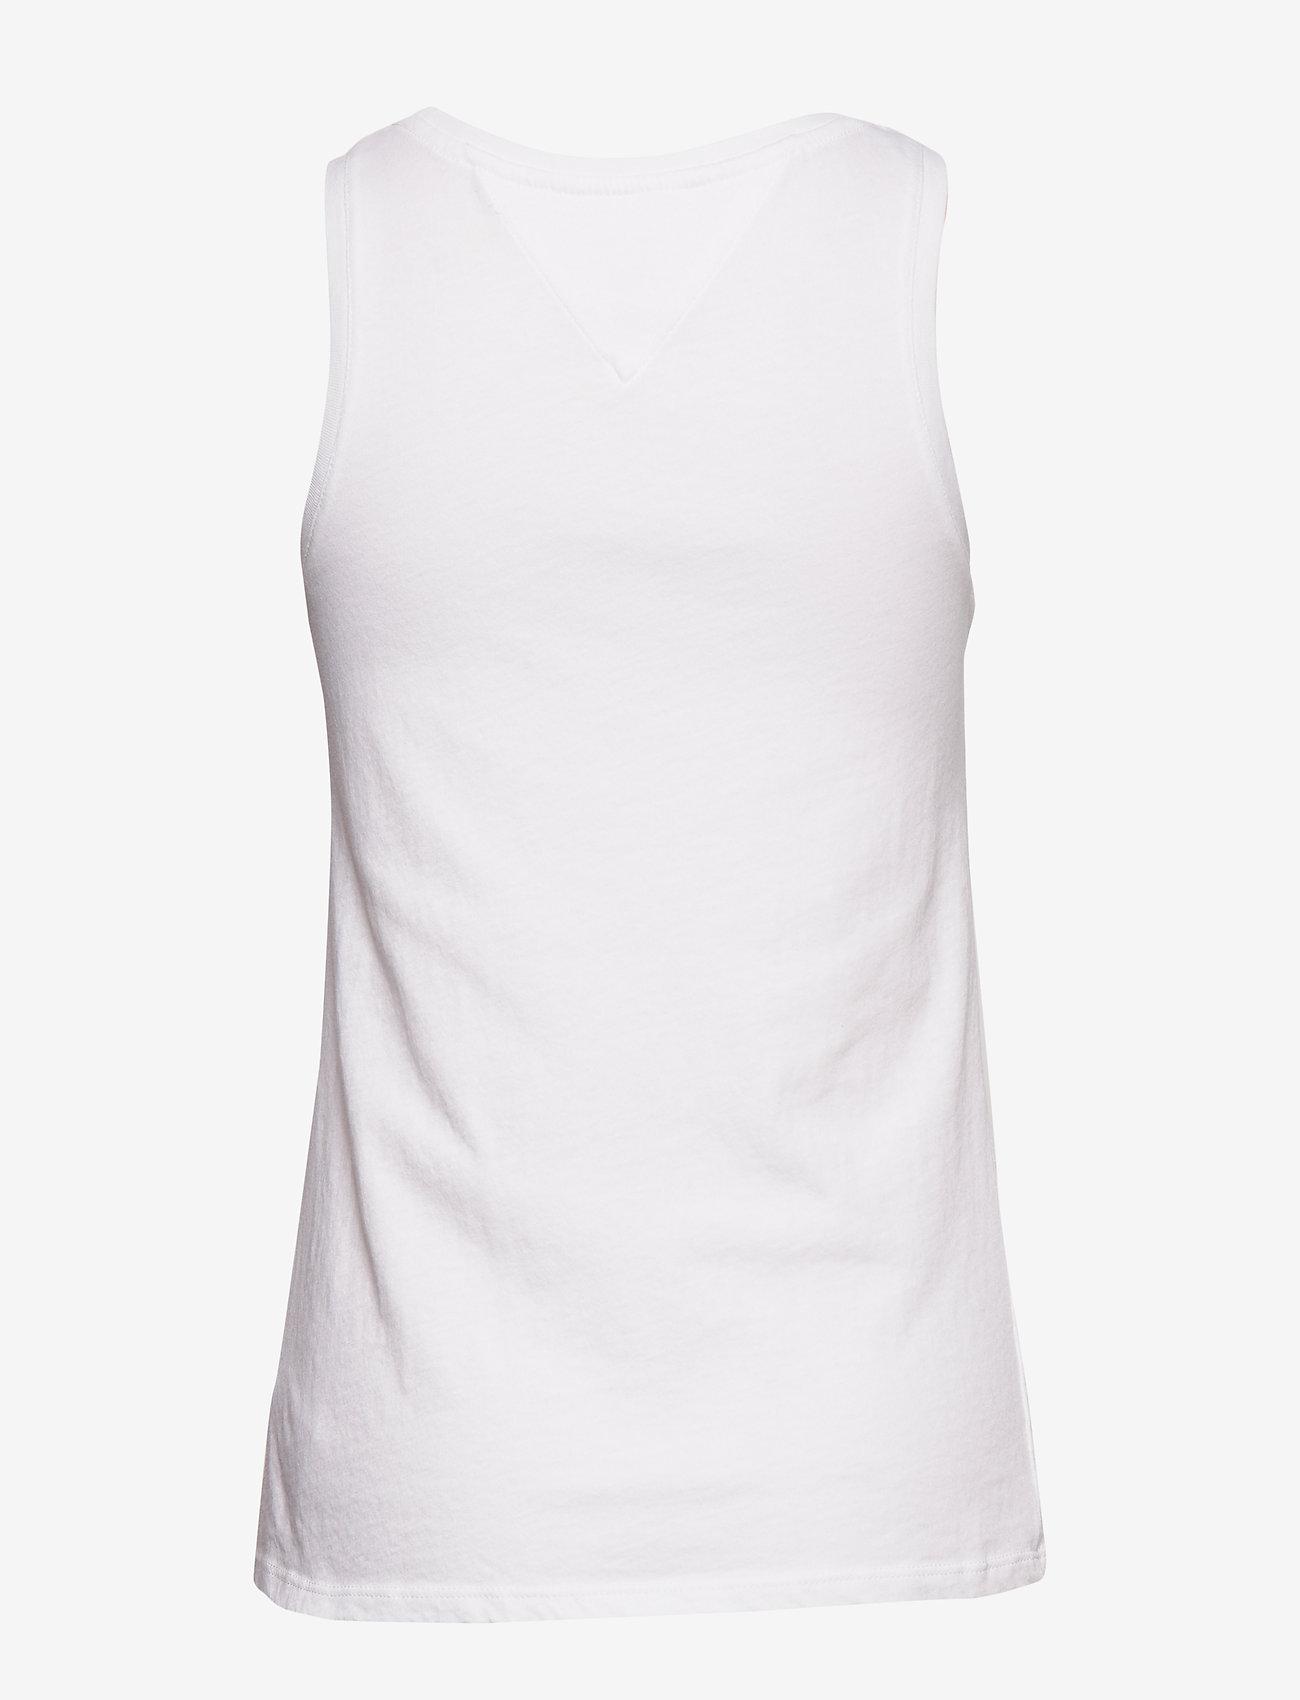 Tommy Jeans - TJW LOGO TANK - tops zonder mouwen - white - 1